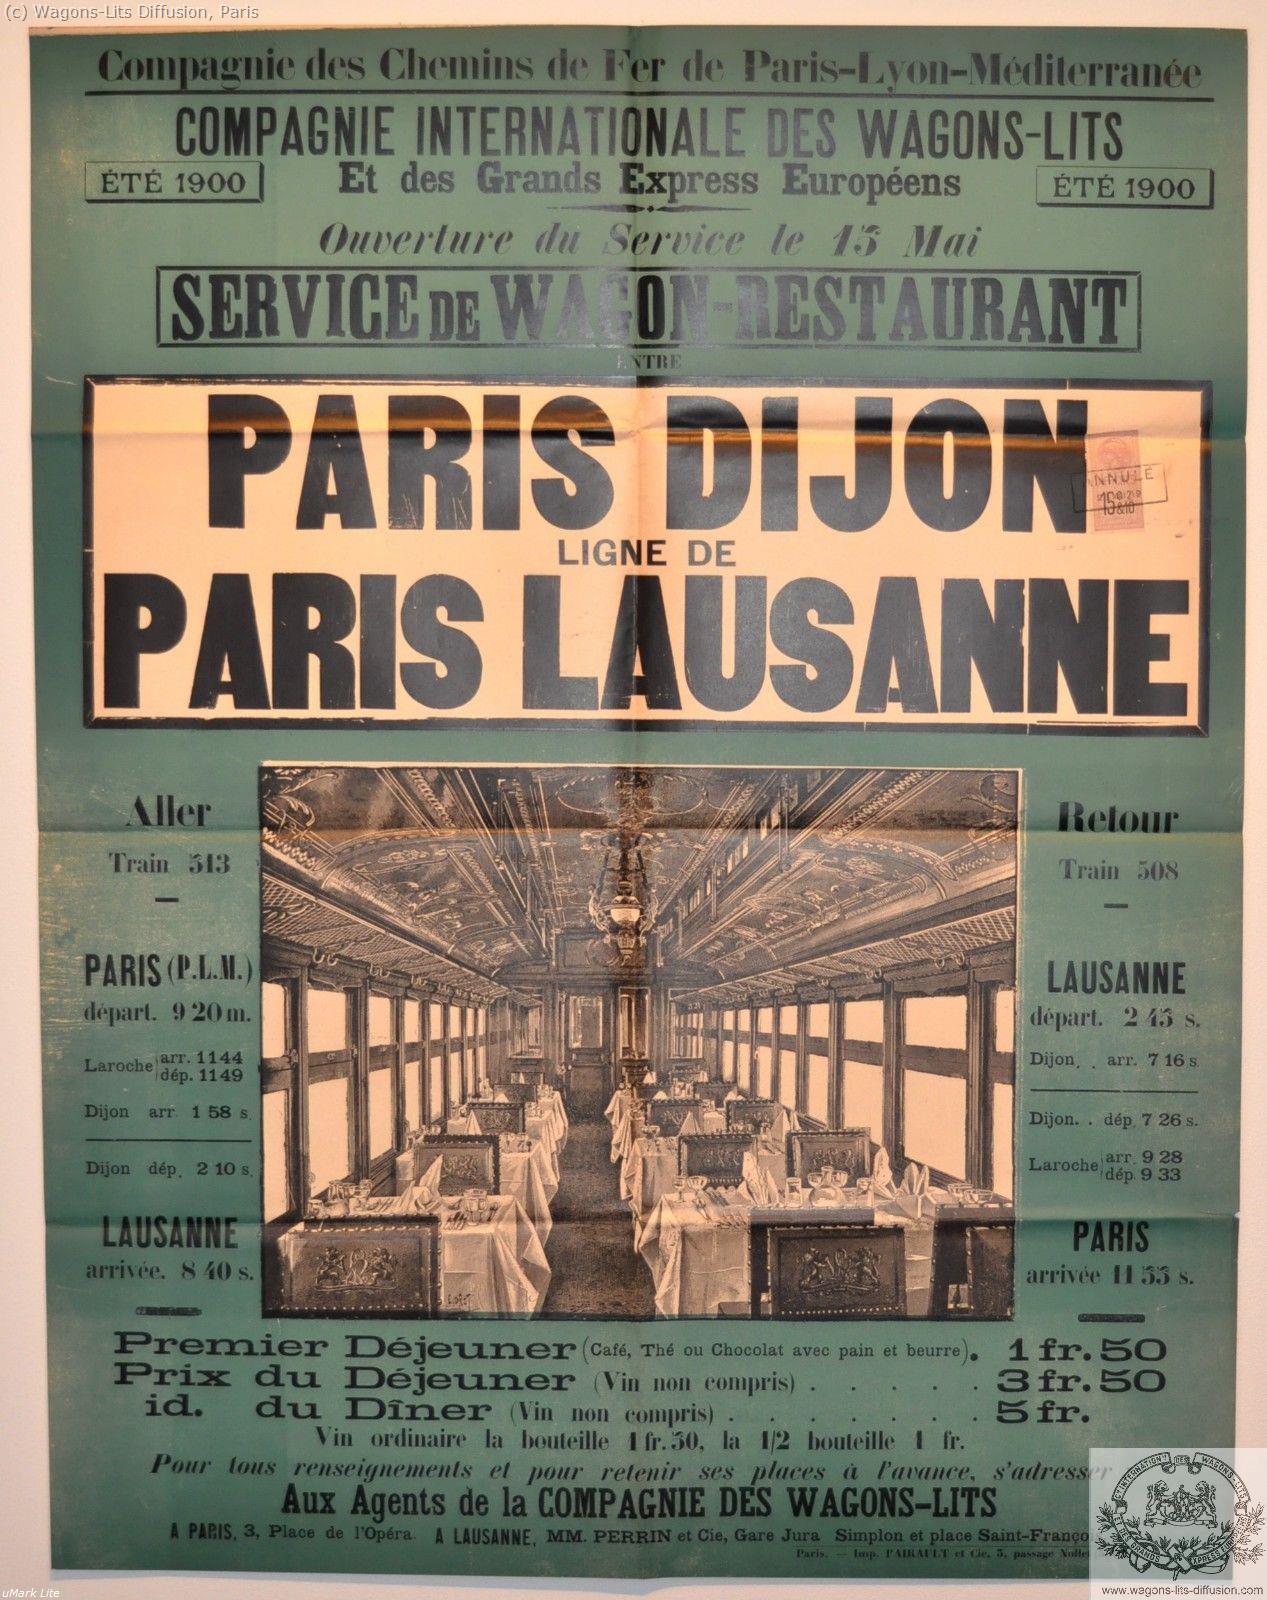 PLM Paris Dijon Lausanne Ref 1077